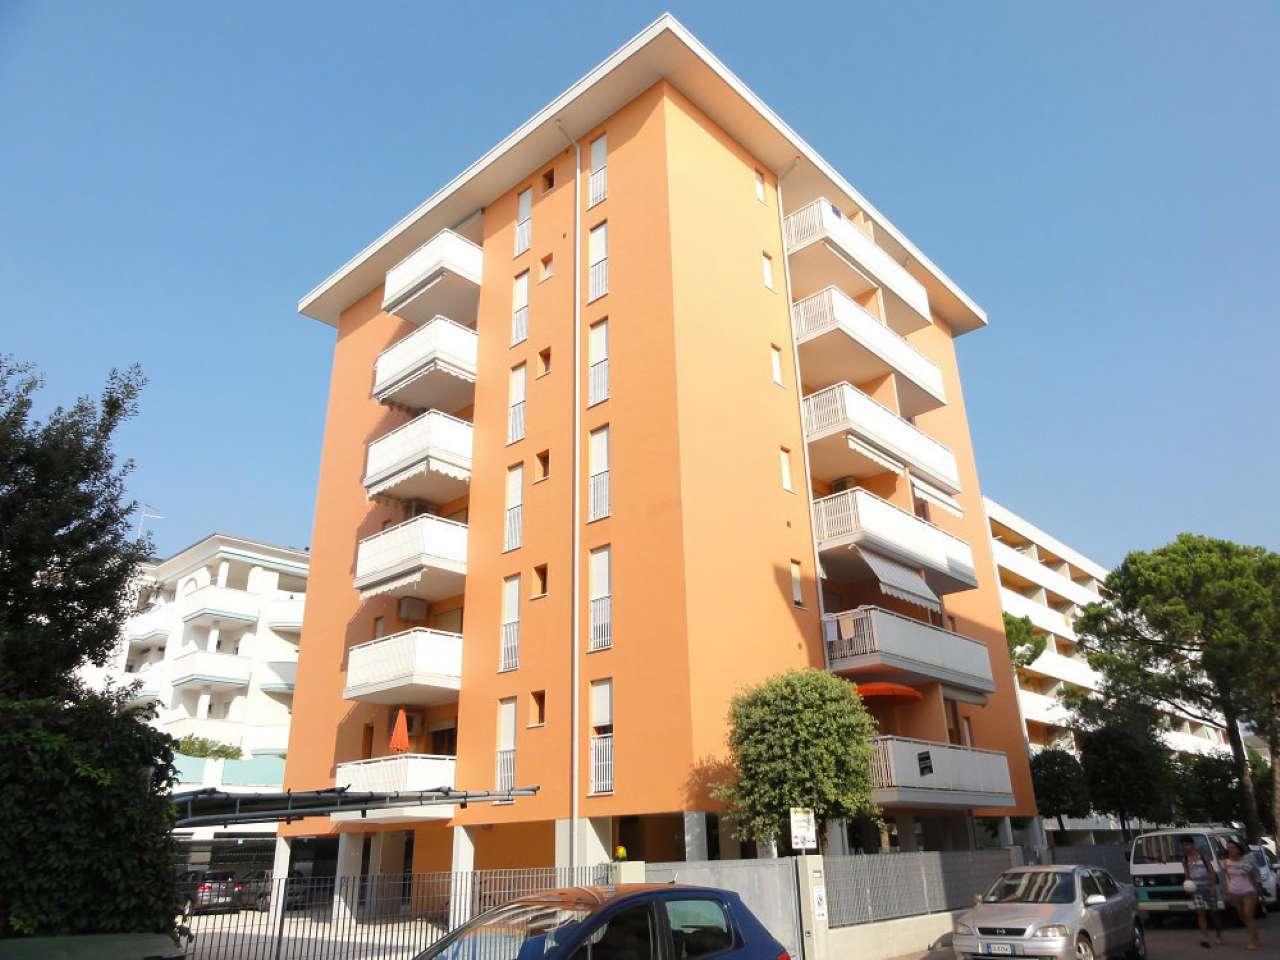 Appartamento in vendita a San Michele al Tagliamento, 3 locali, prezzo € 195.000 | Cambio Casa.it